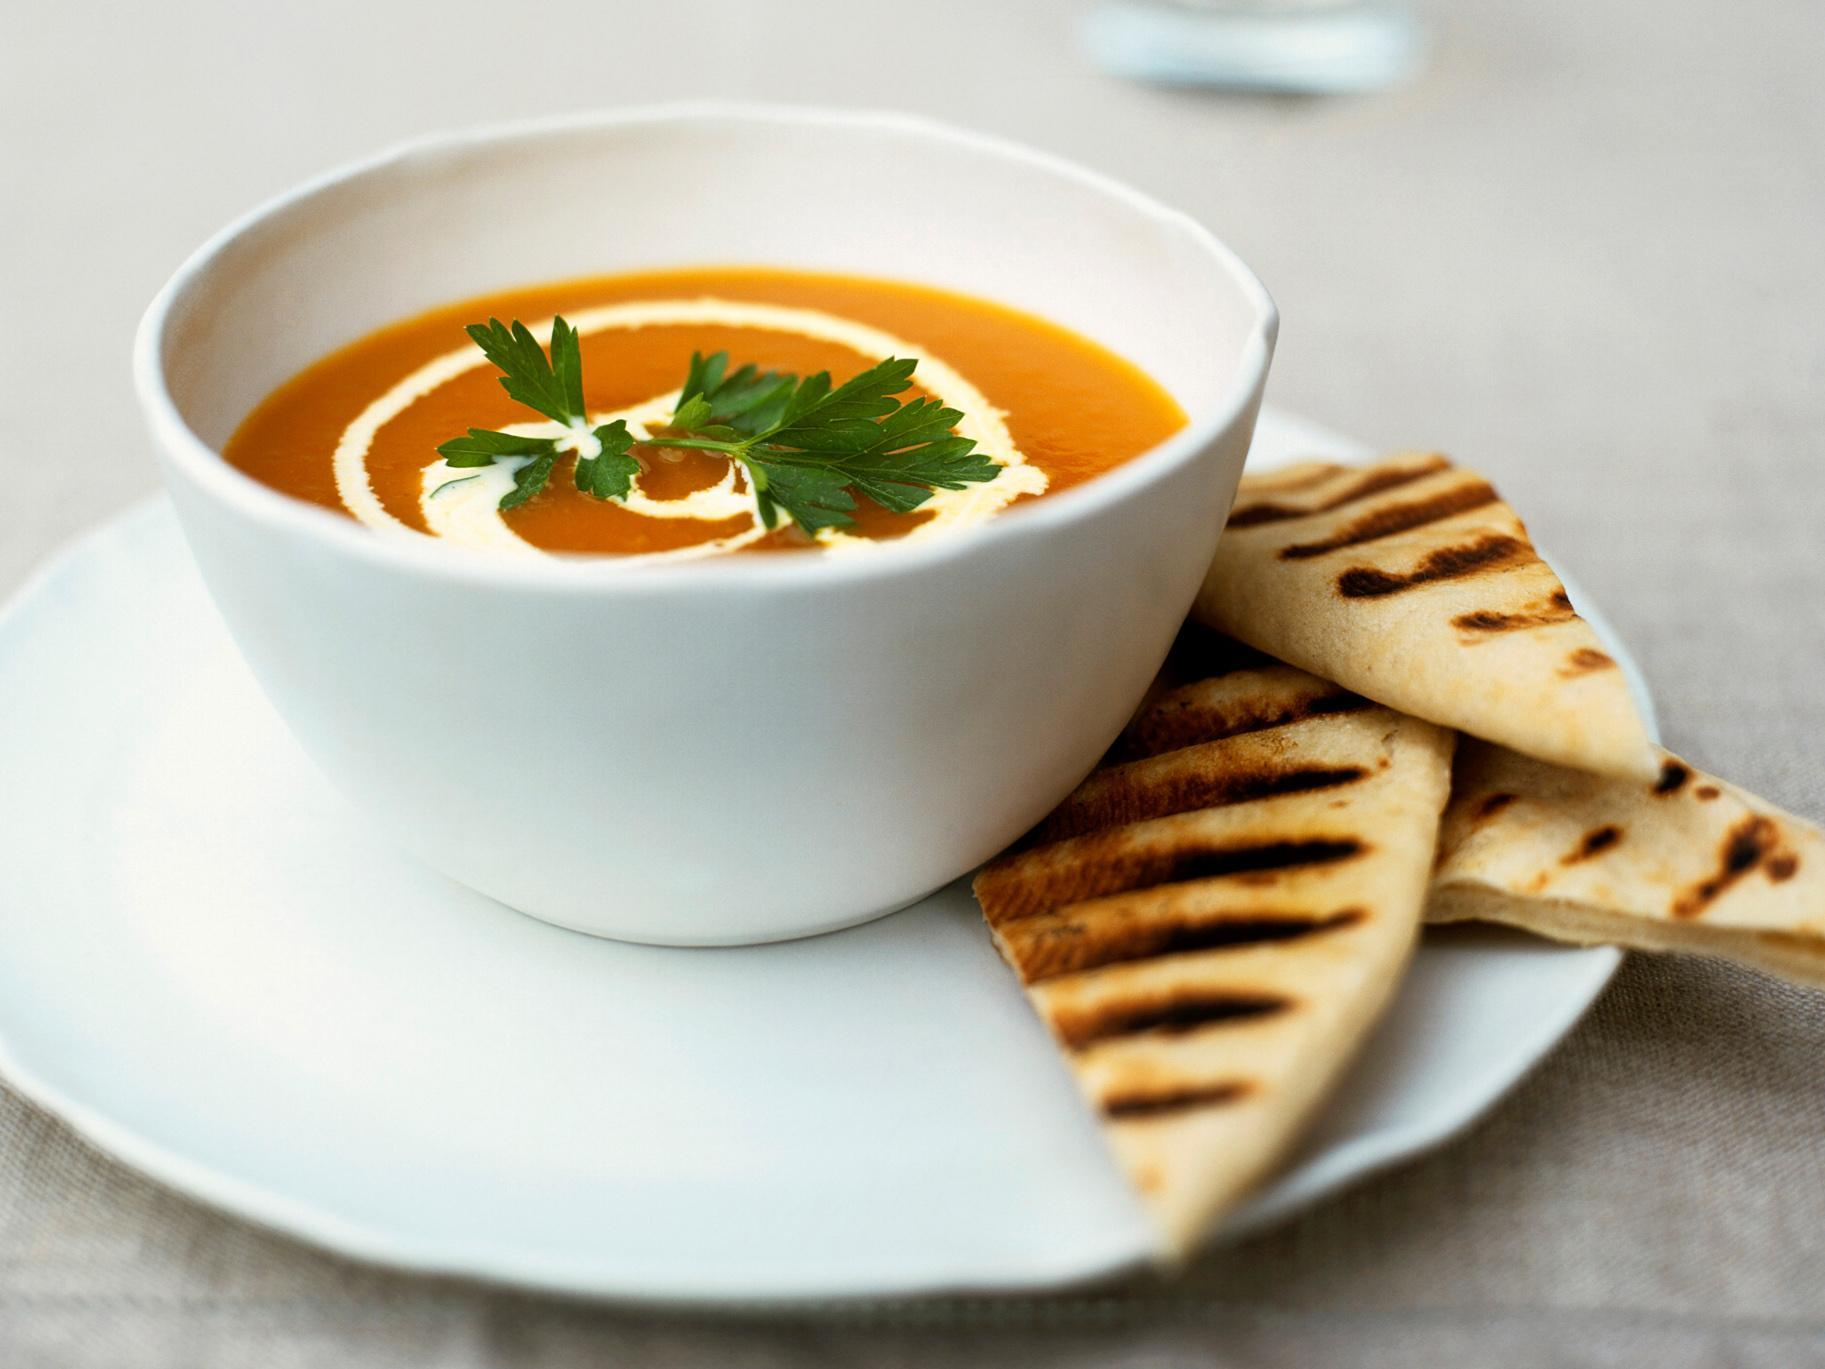 Dit waren de populairste soepen van het afgelopen jaar